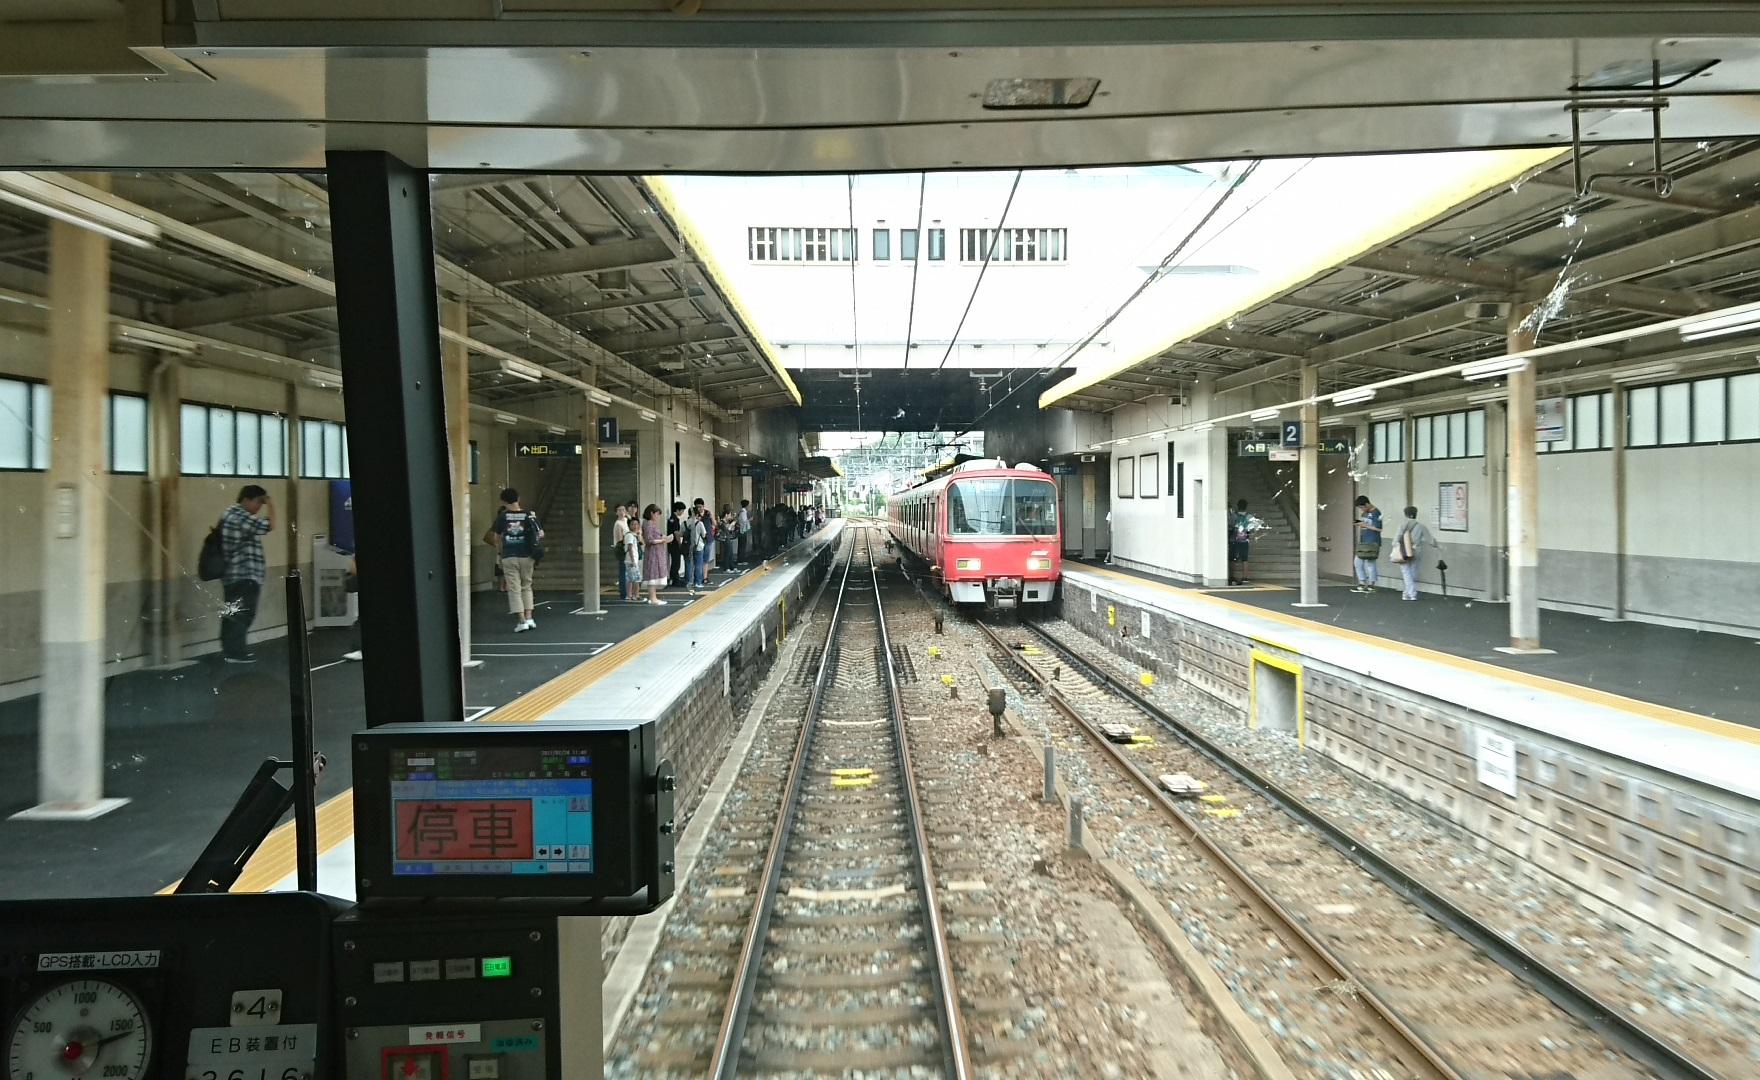 2017.7.24 有松 (4) 一宮いき急行 - 有松(豊川稲荷いき急行) 1760-1080